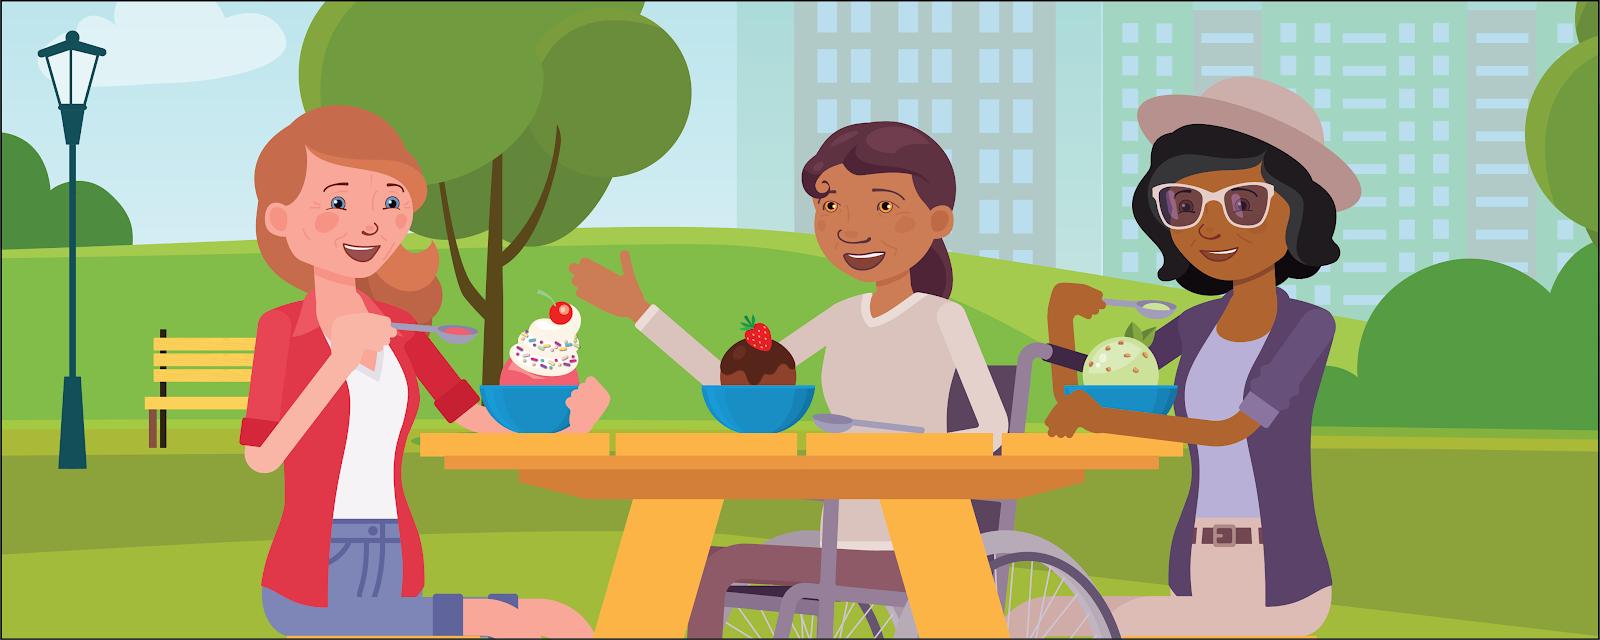 Tasha, Maddia, and Isabel sit at the picnic table enjoying eating ice cream.